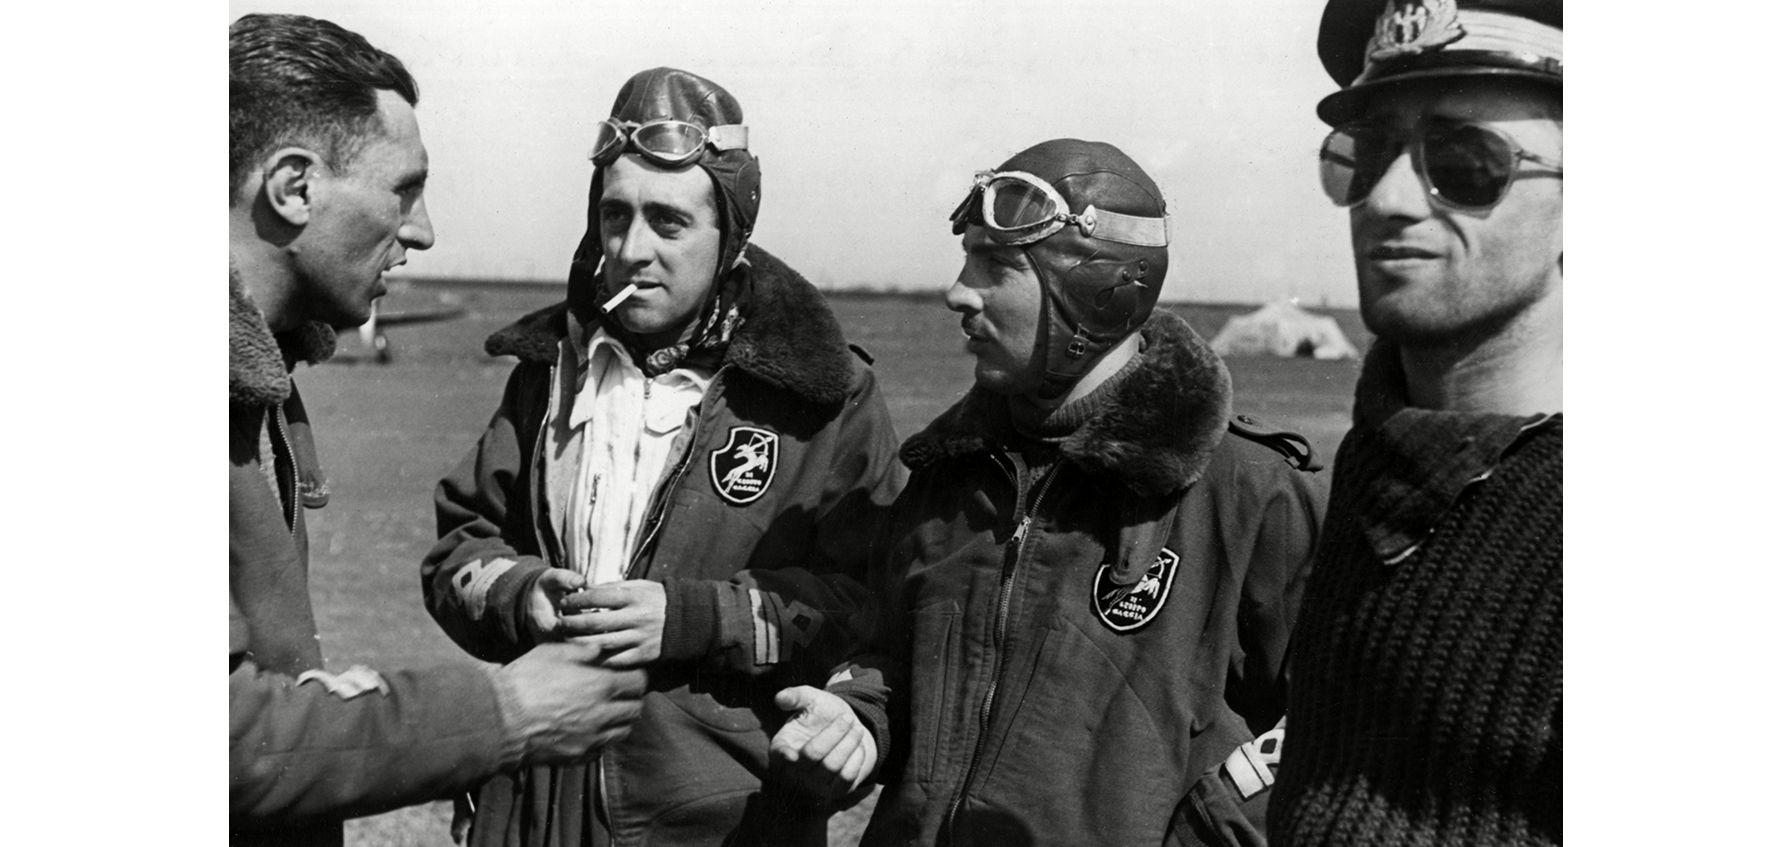 Casacos Bomber - Primeira Guerra Mundial